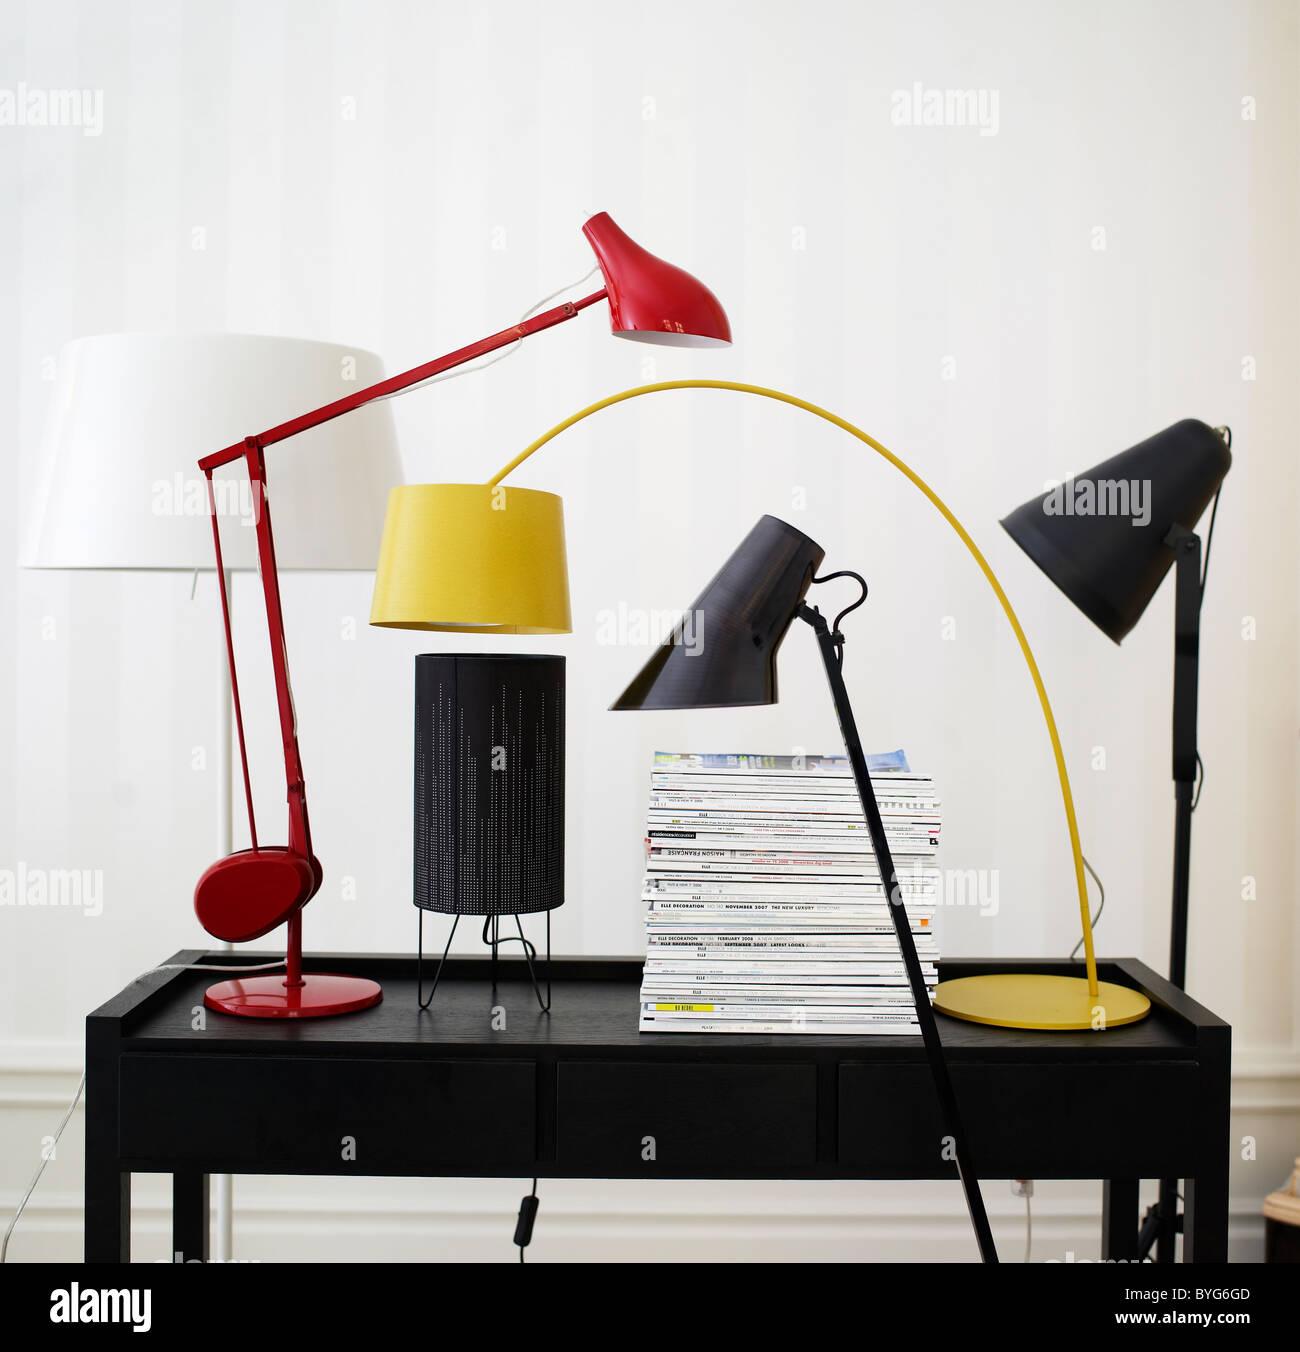 Varietà di moderne lampade design sulla parte superiore del banco Immagini Stock